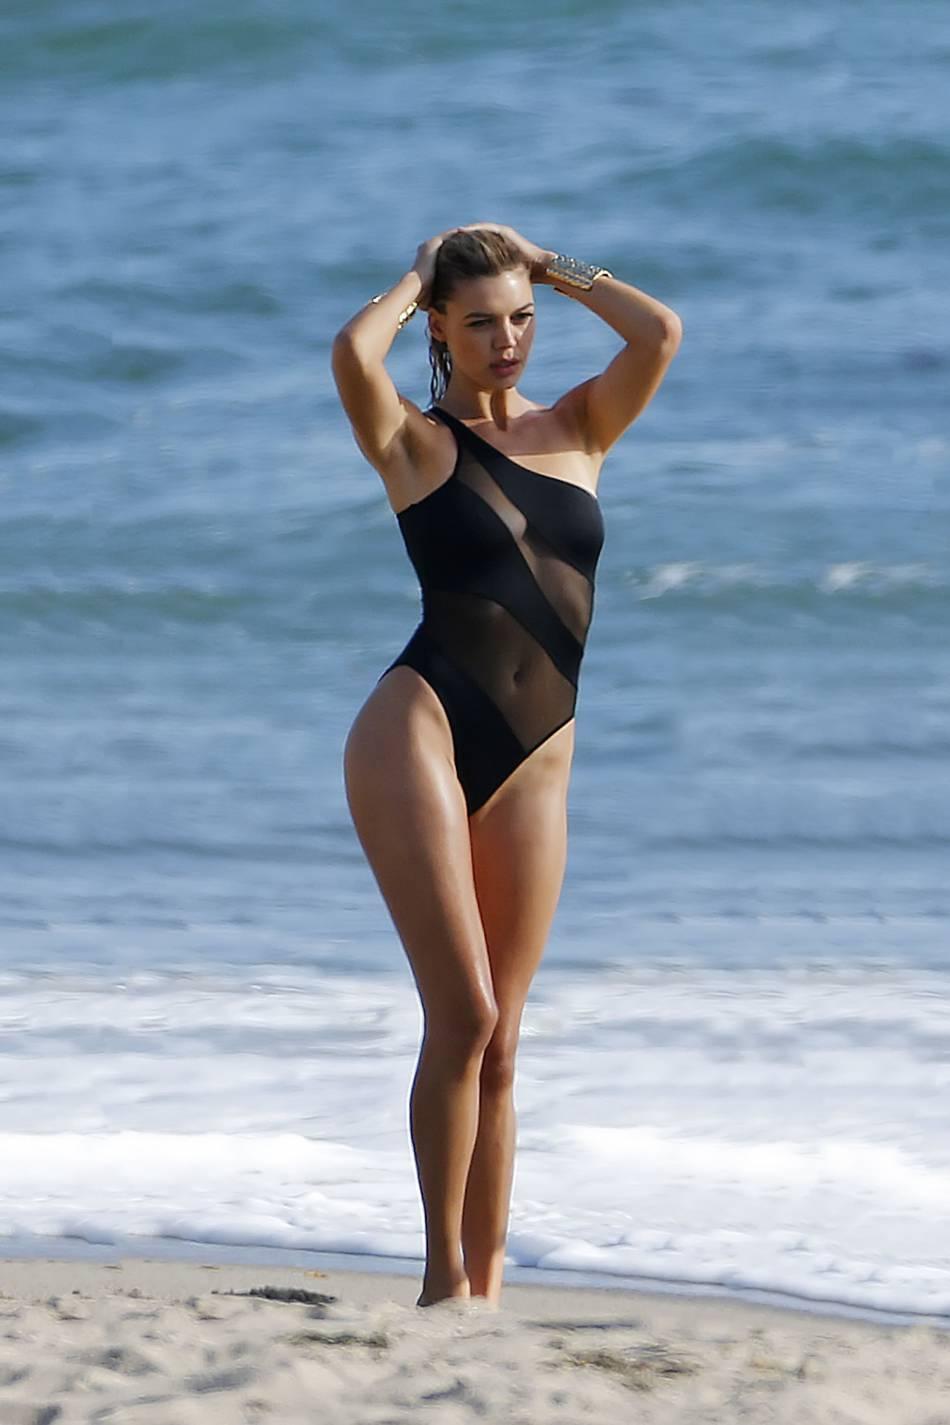 Kelly Rohrbach dans un joli maillot de bain tout en transparence.